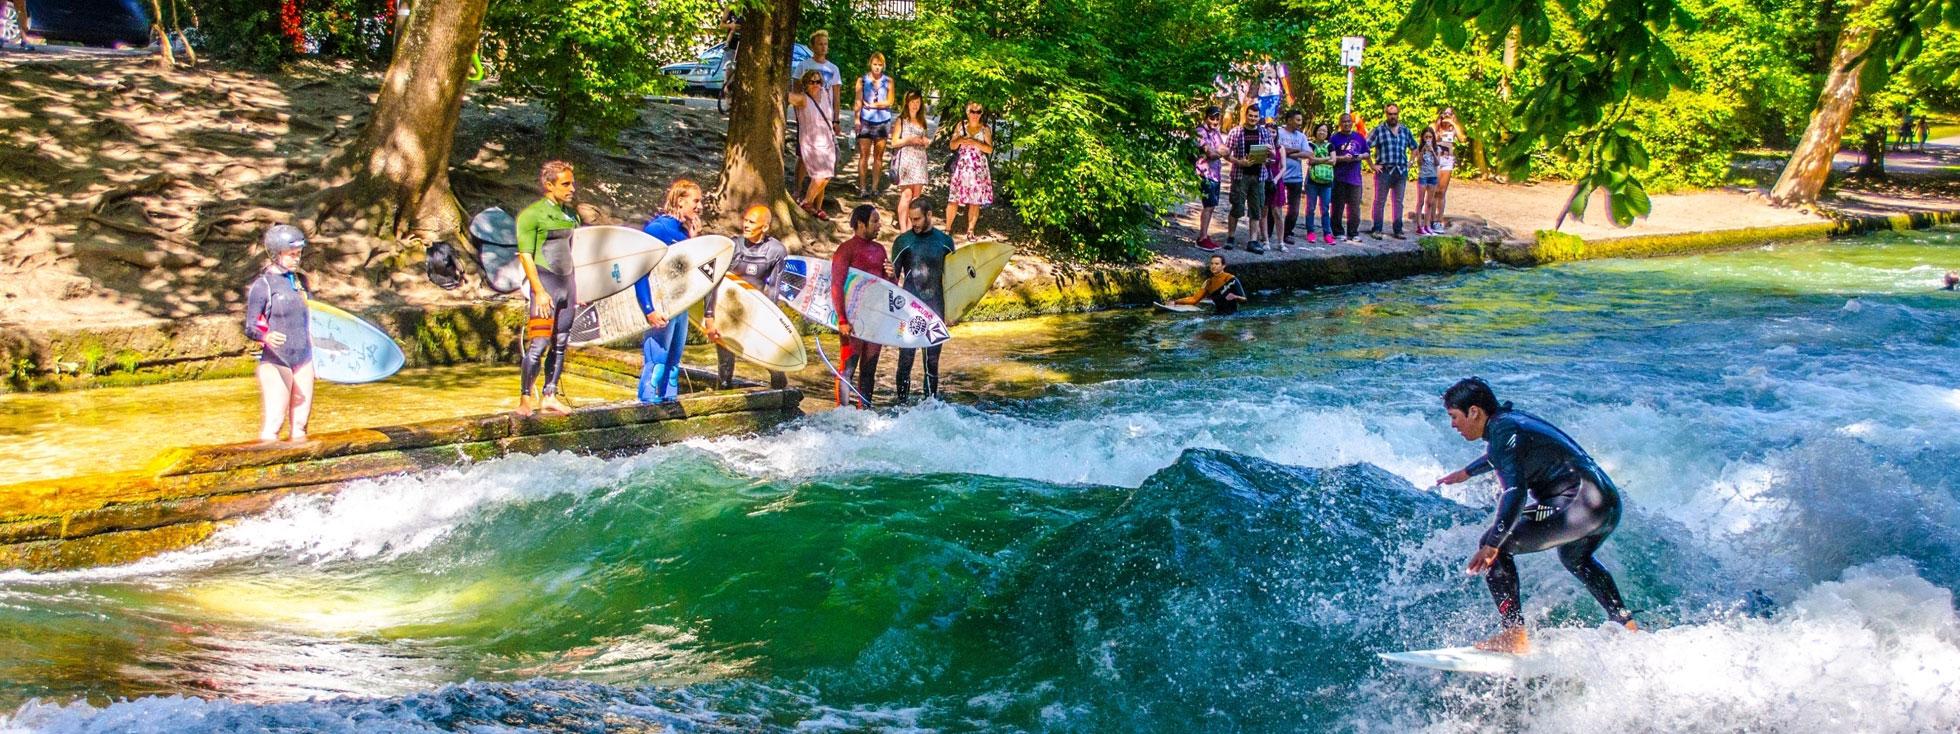 Englischer Garten München Parken Schön Surfen Wellenreiten Eisbach In München Das Offizielle